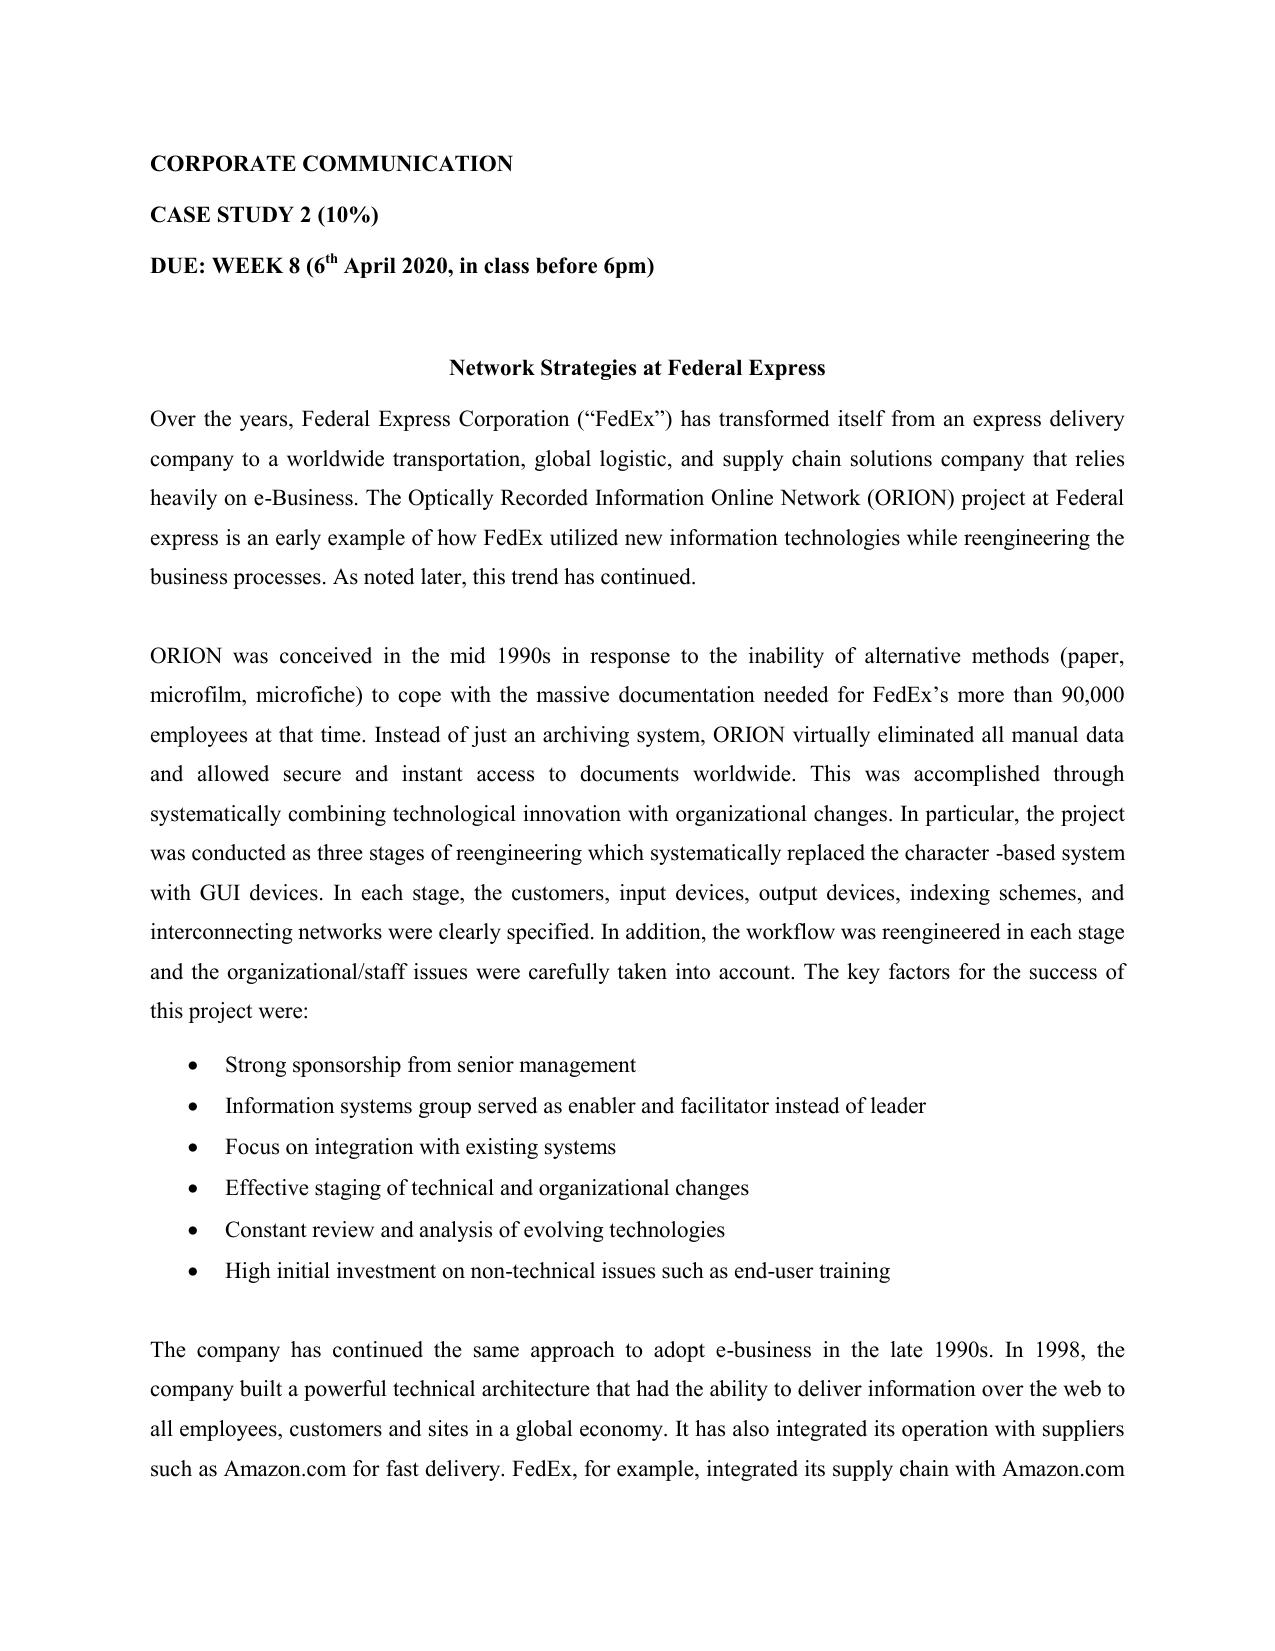 Case Study 2.pdf